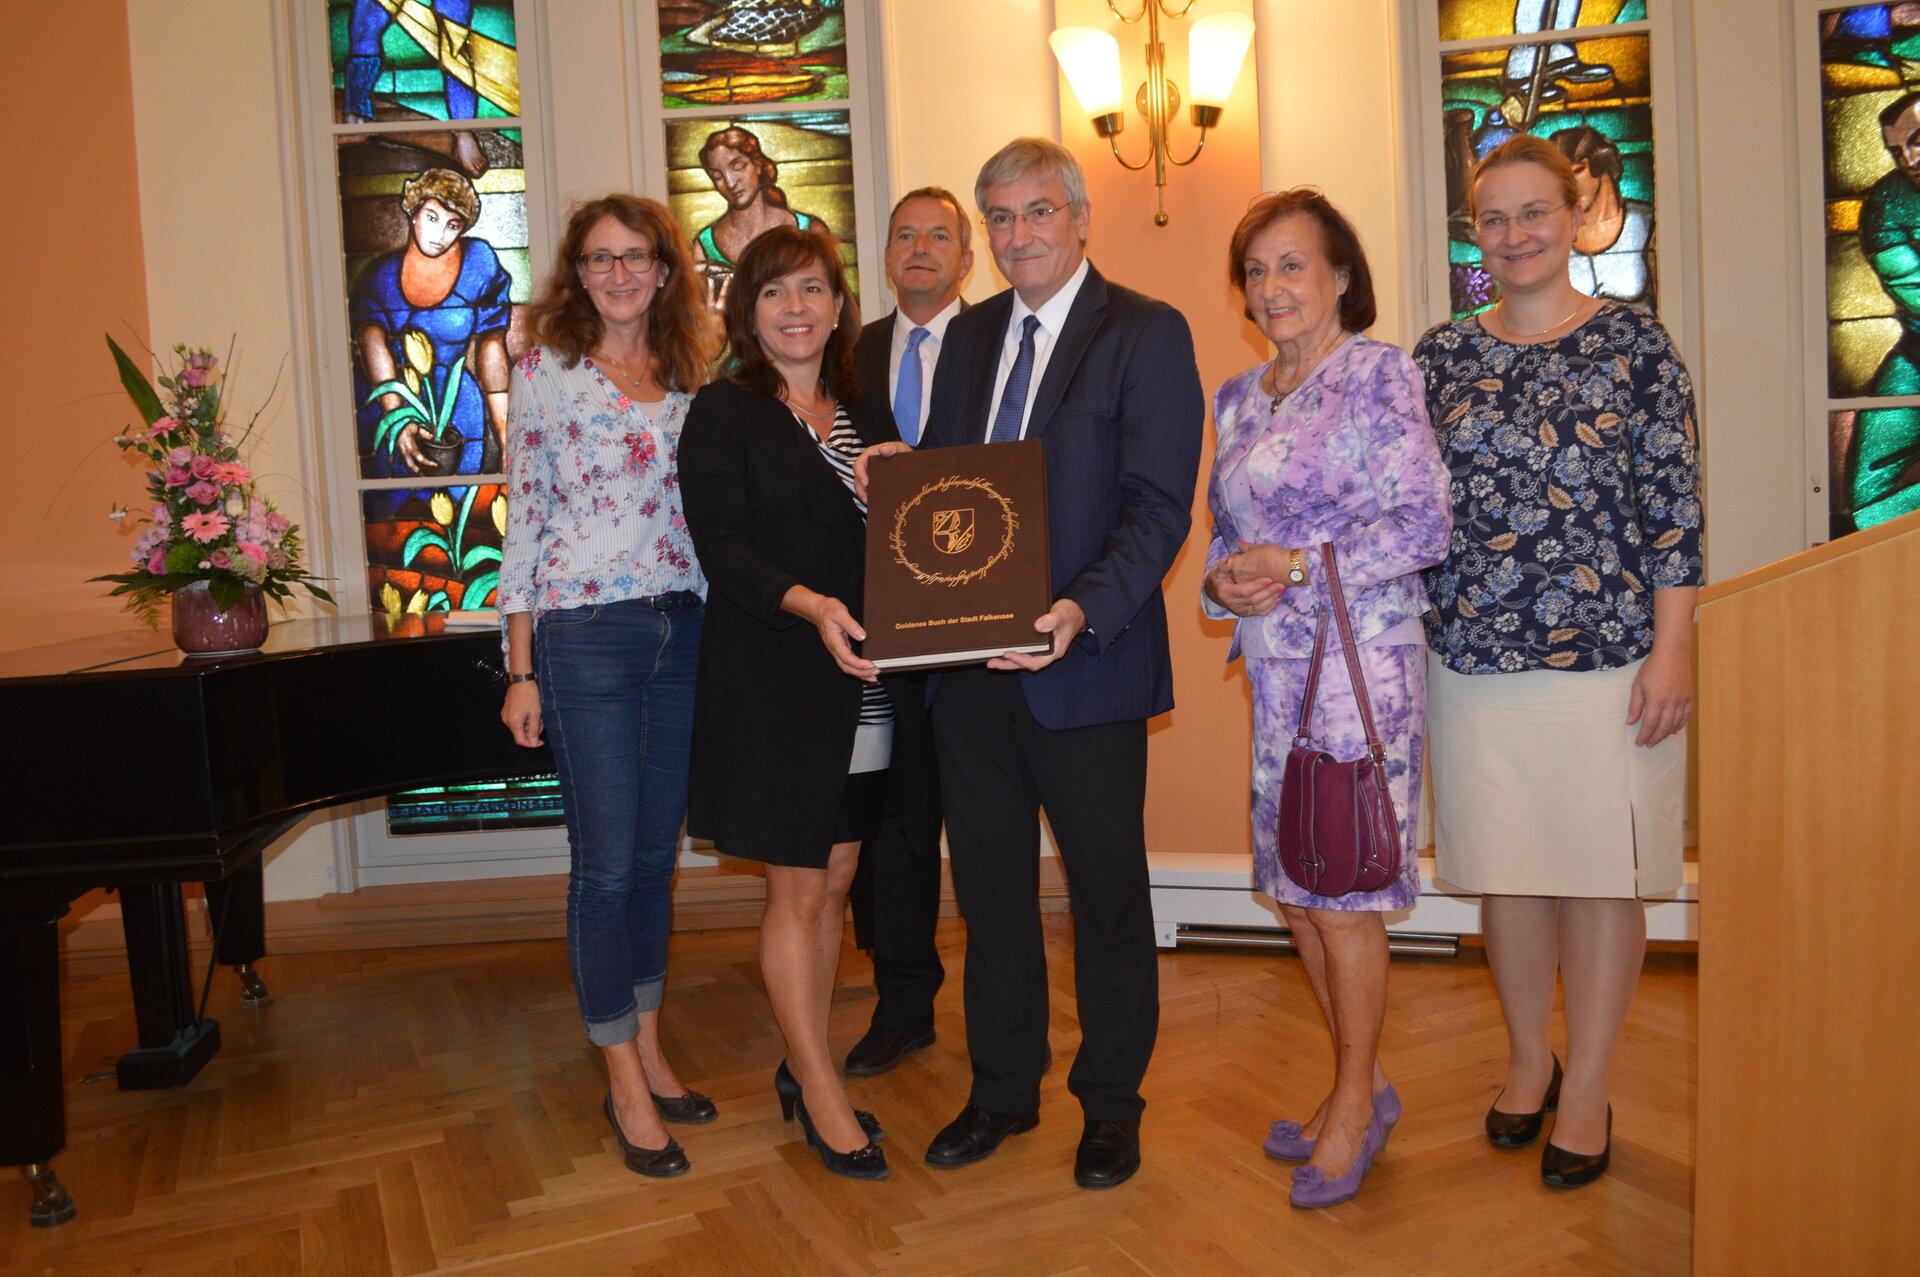 Zum Tag des offenen Denkmals im Jahr 2018 präsentierten Bürgermeister Heiko Müller und Barbara Richstein, die damalige Vorsitzende der Stadtverordnetenversammlung, anlässlich des 100. Geburtstages des Rathauses das Goldene Buch der Stadt Falkensee. In die